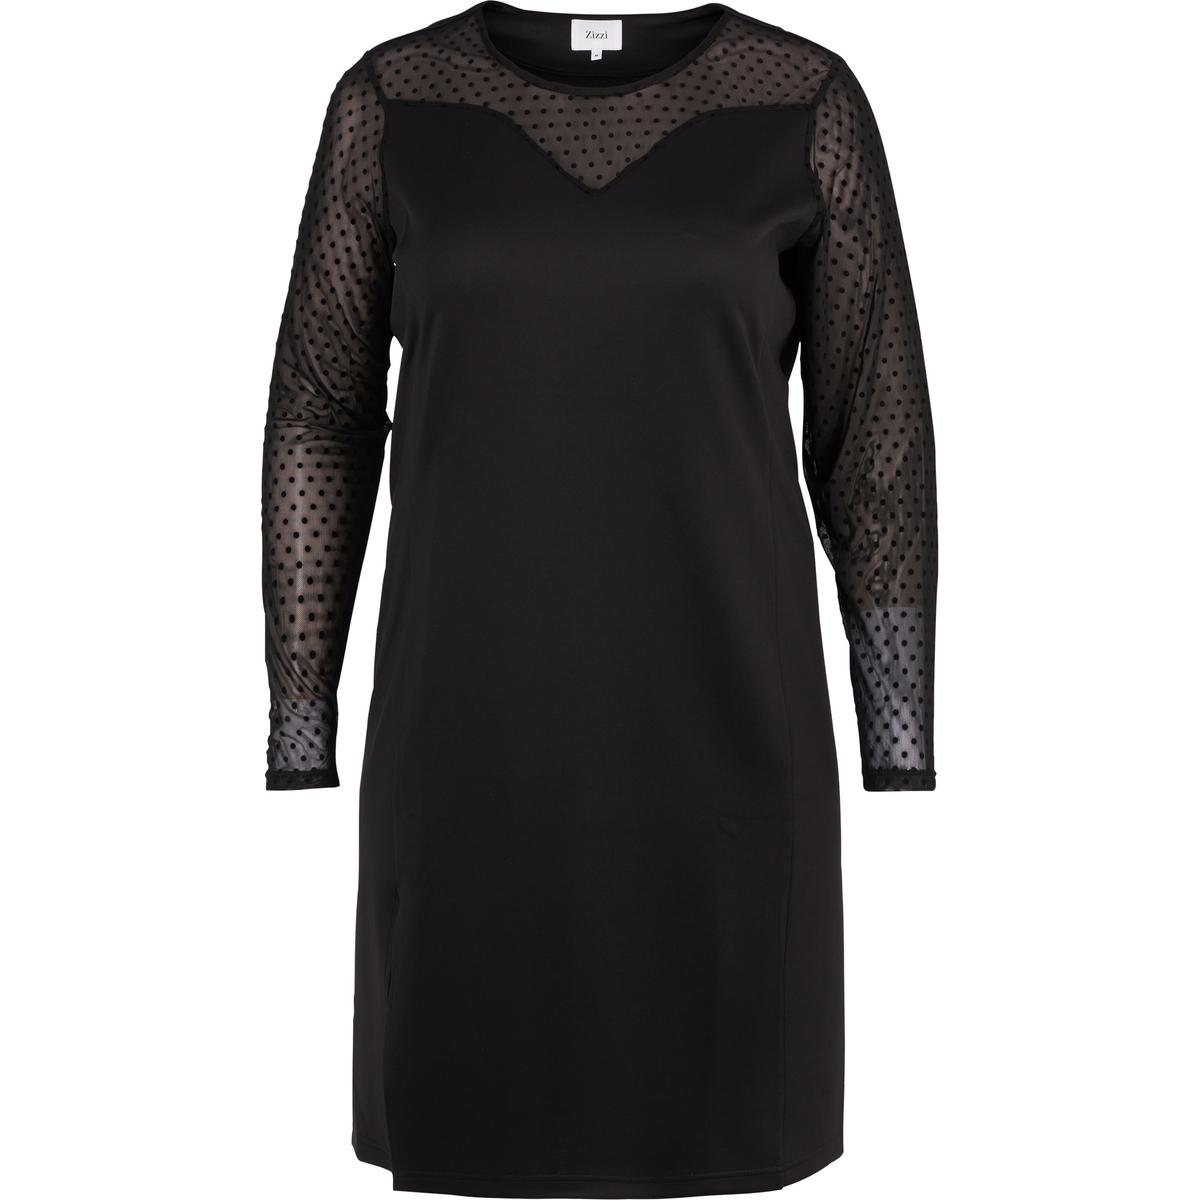 Платье прямое однотонное, средней длины, с длинными рукавамиДетали •  Форма : прямая •  Длина до колен •  Длинные рукава    •  Круглый вырезСостав и уход •  5% эластана, 95% полиэстера  •  Следуйте советам по уходу, указанным на этикеткеТовар из коллекции больших размеров<br><br>Цвет: черный<br>Размер: 42/44 (FR) - 48/50 (RUS).54/56 (FR) - 60/62 (RUS).50/52 (FR) - 56/58 (RUS).46/48 (FR) - 52/54 (RUS)